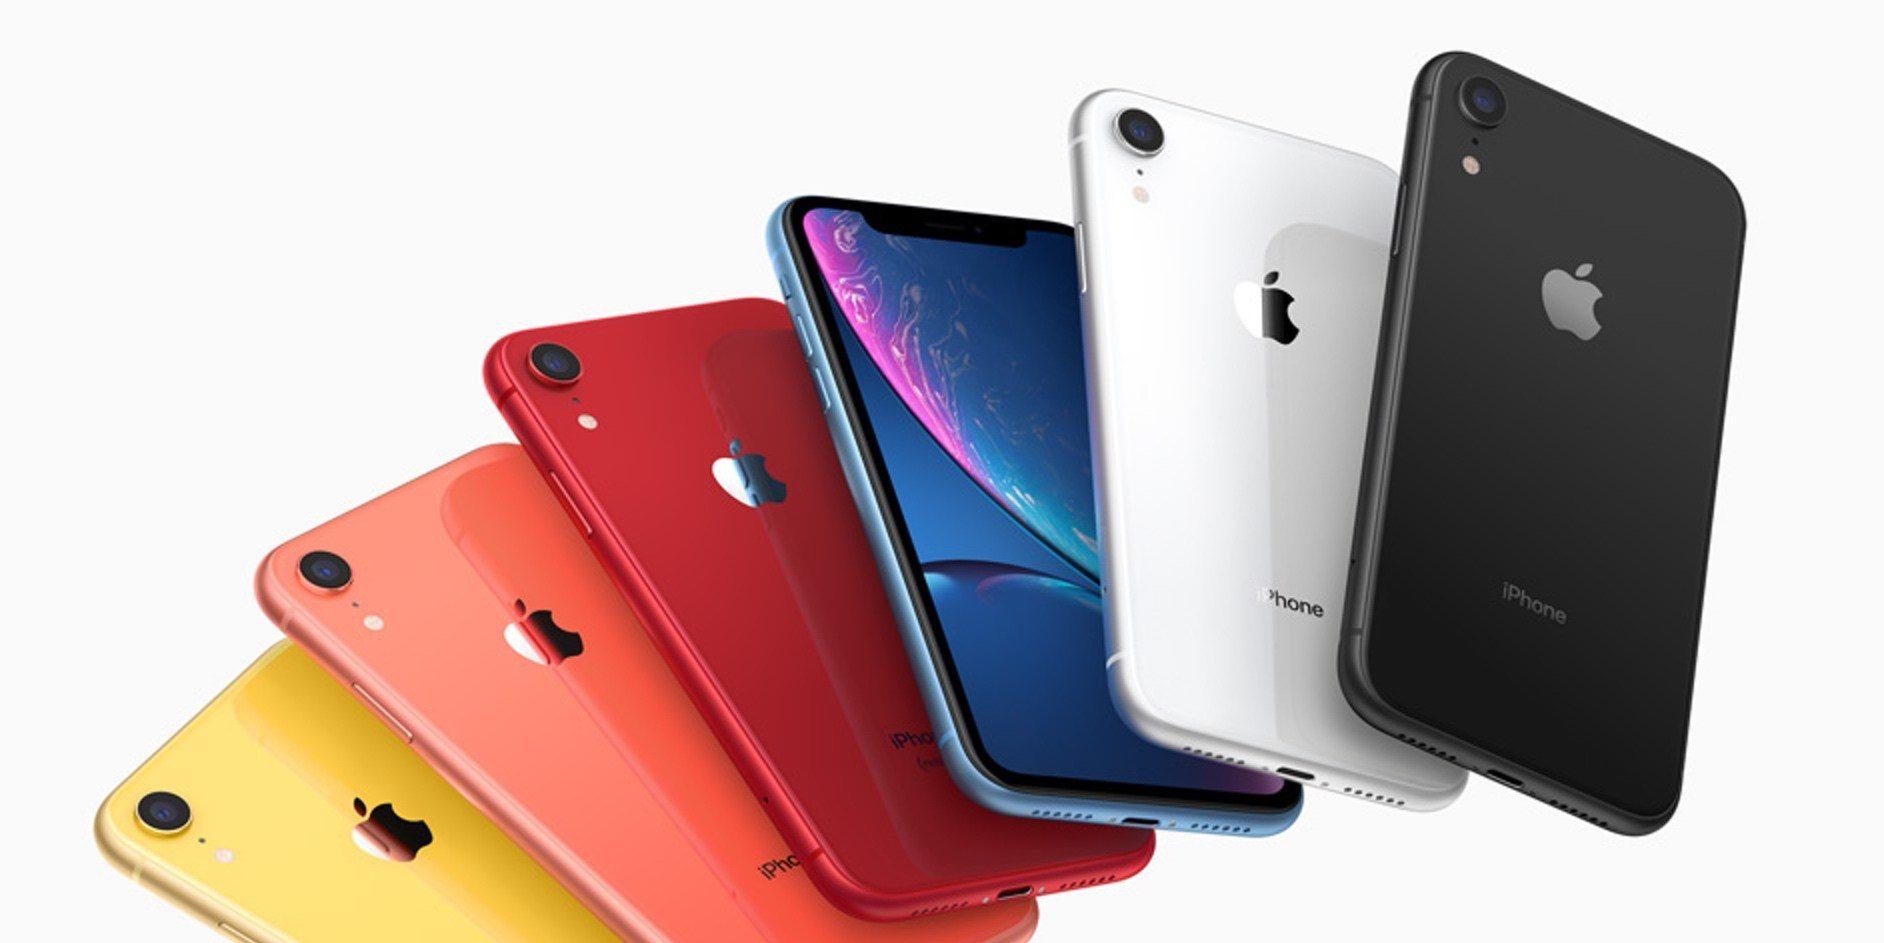 Apple lancia iPhone 5G con modem Qualcomm integrato